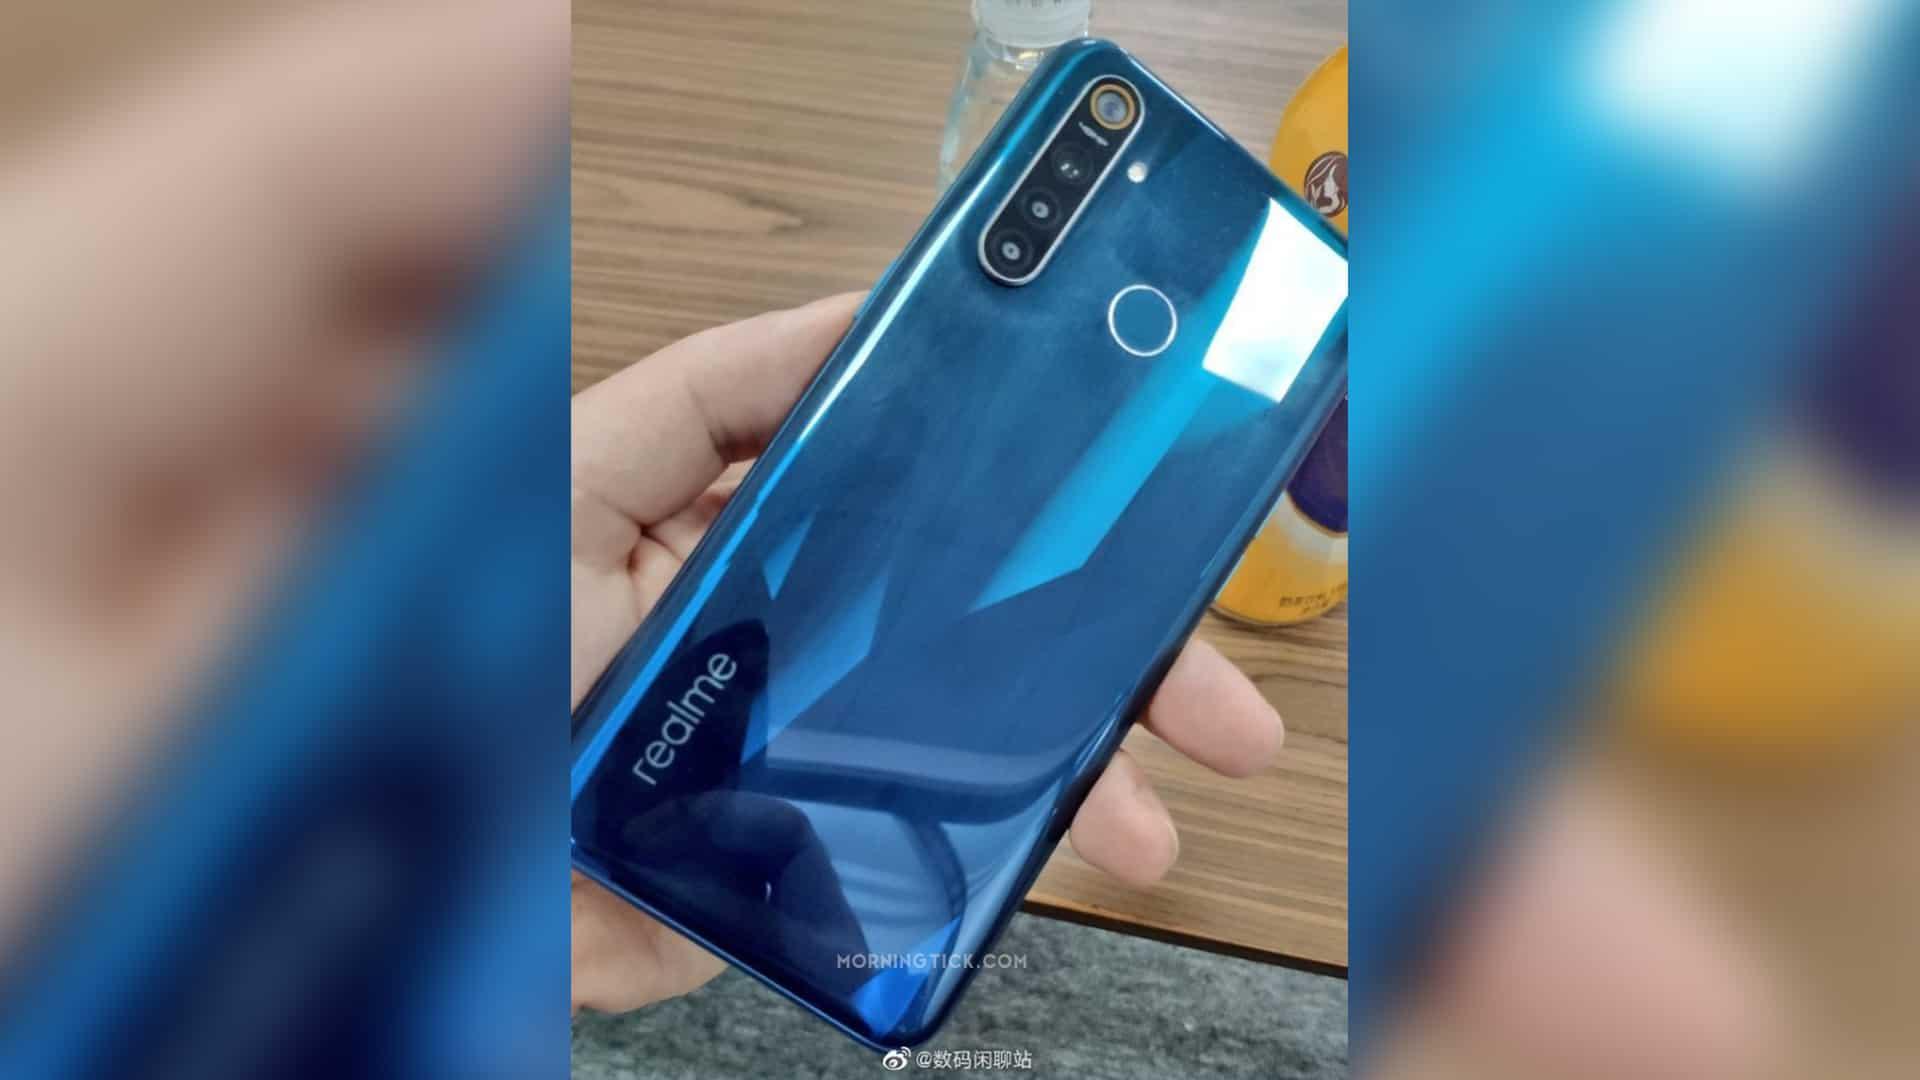 Realme 5 Pro hands-on image leaked, shows rear-mounted fingerprint scanner